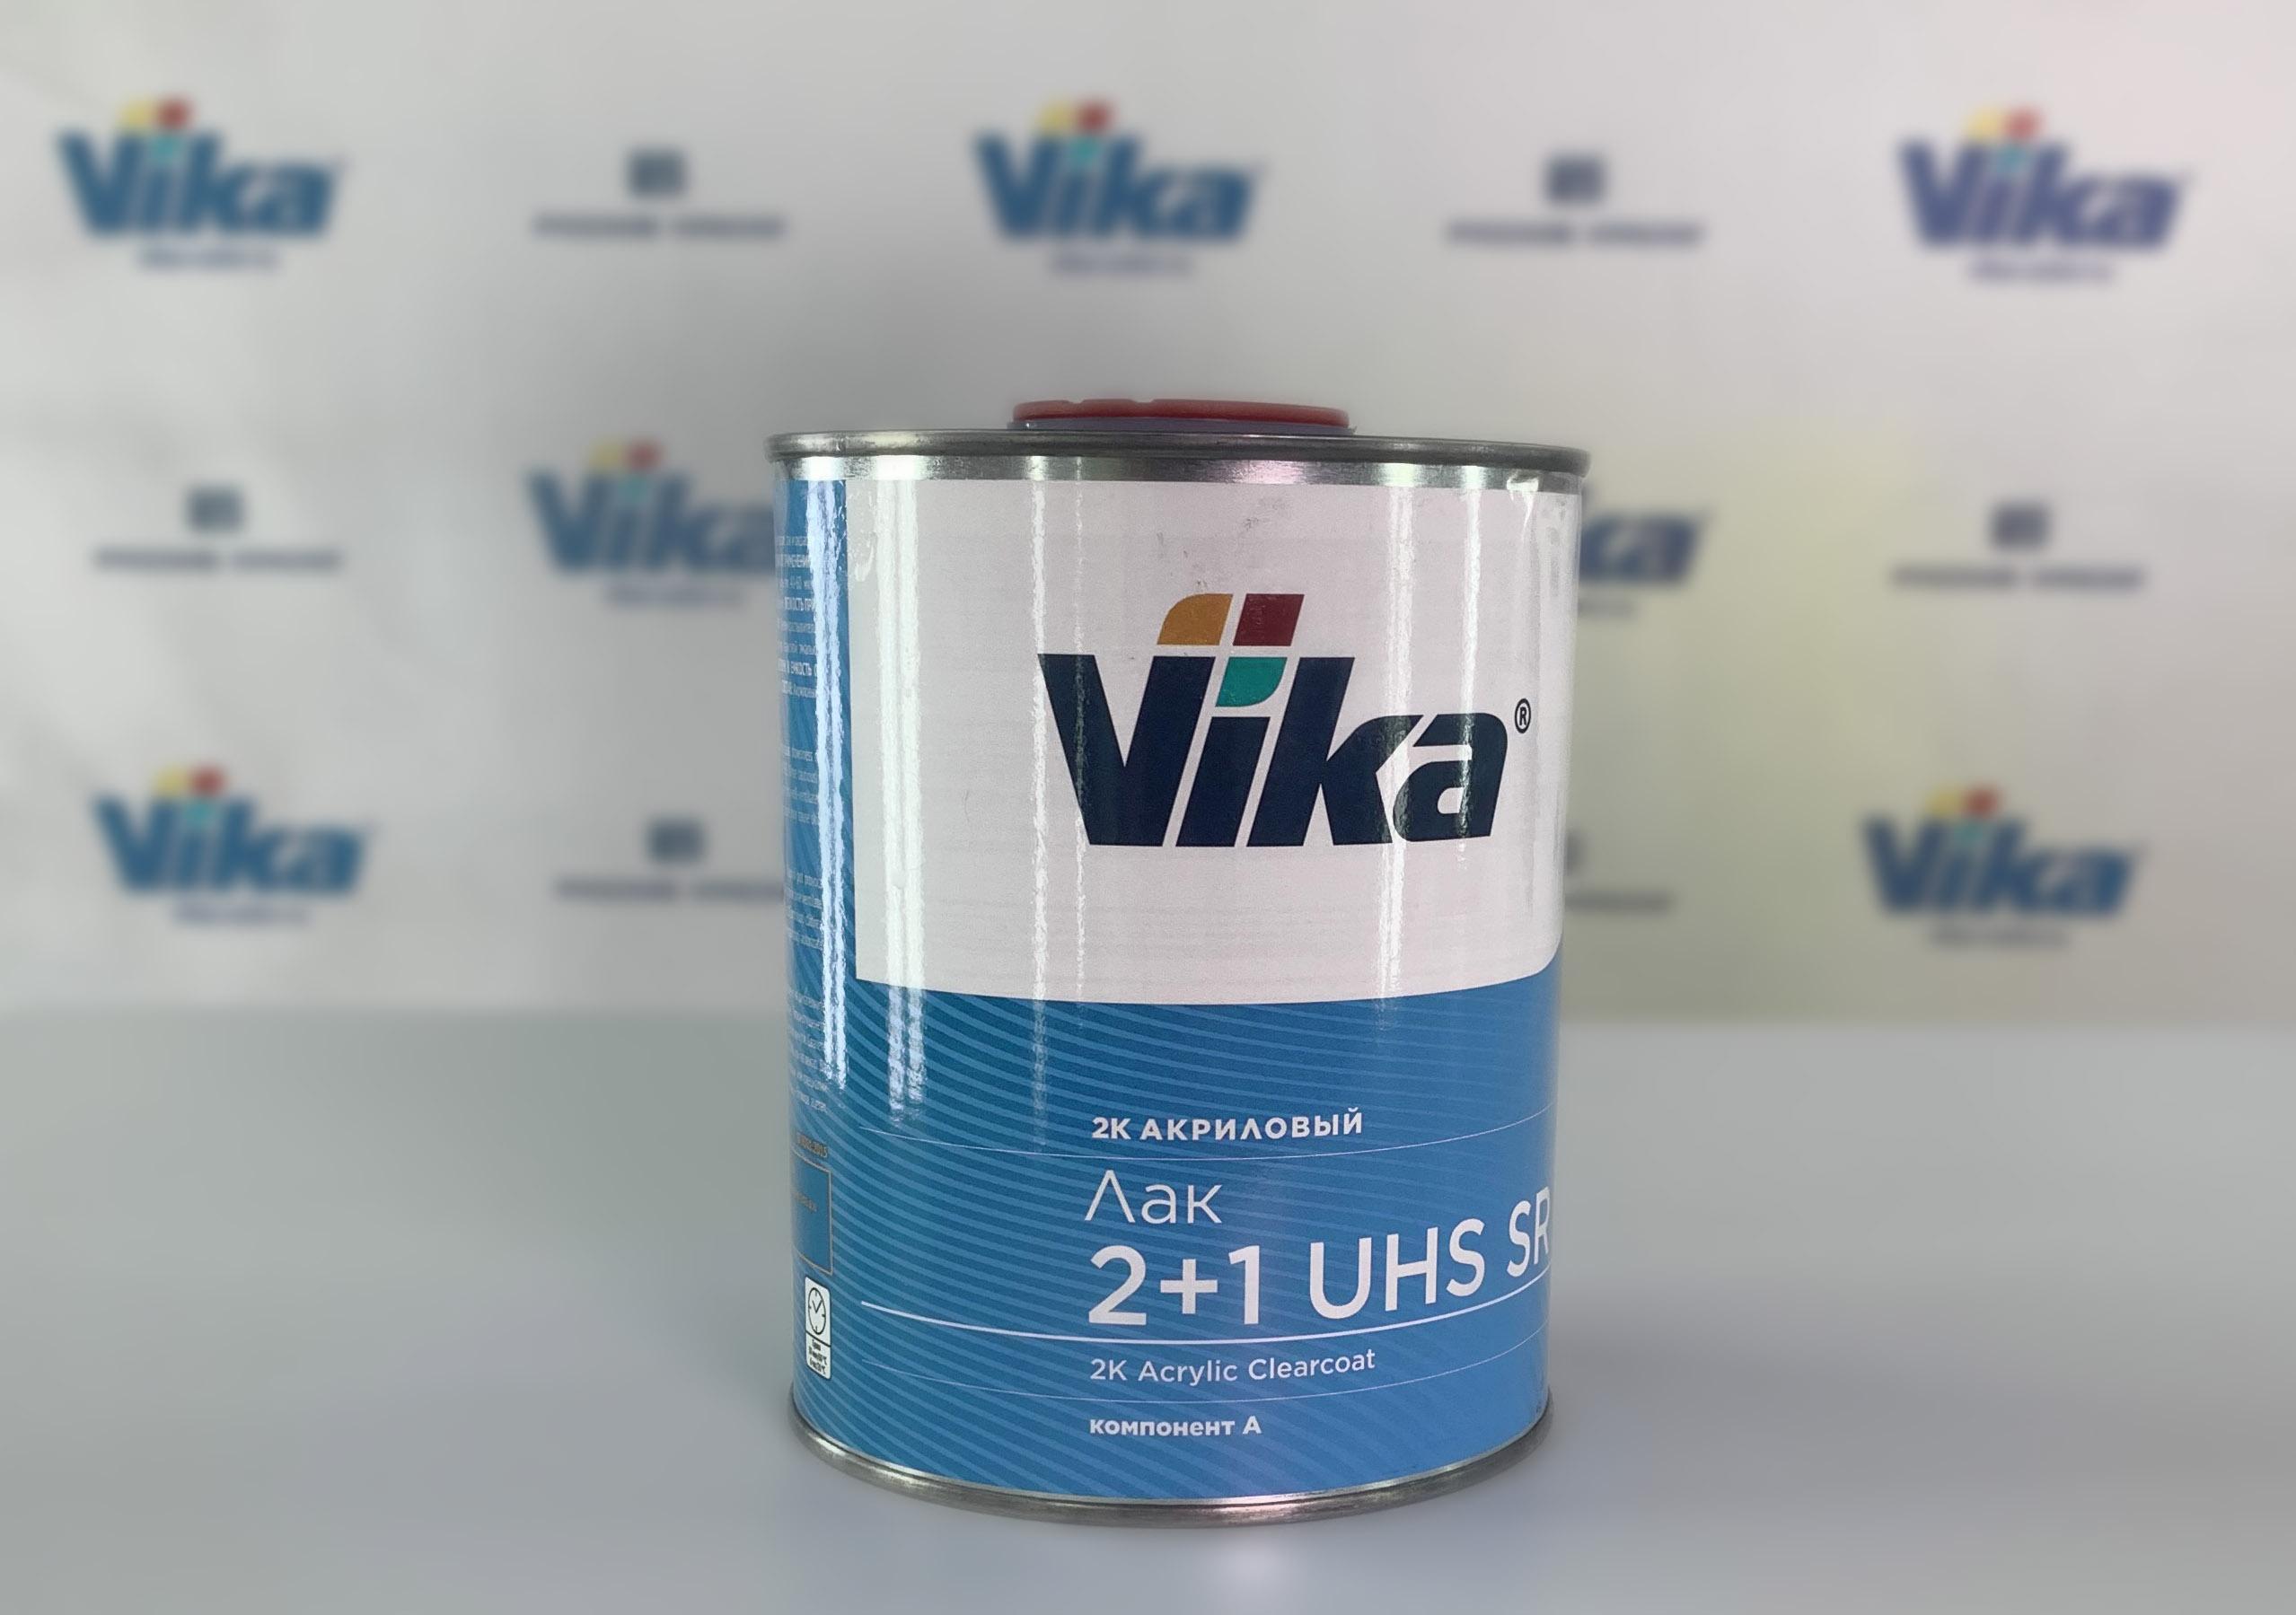 Новинка в продуктовом портфеле— лак Vika UHS